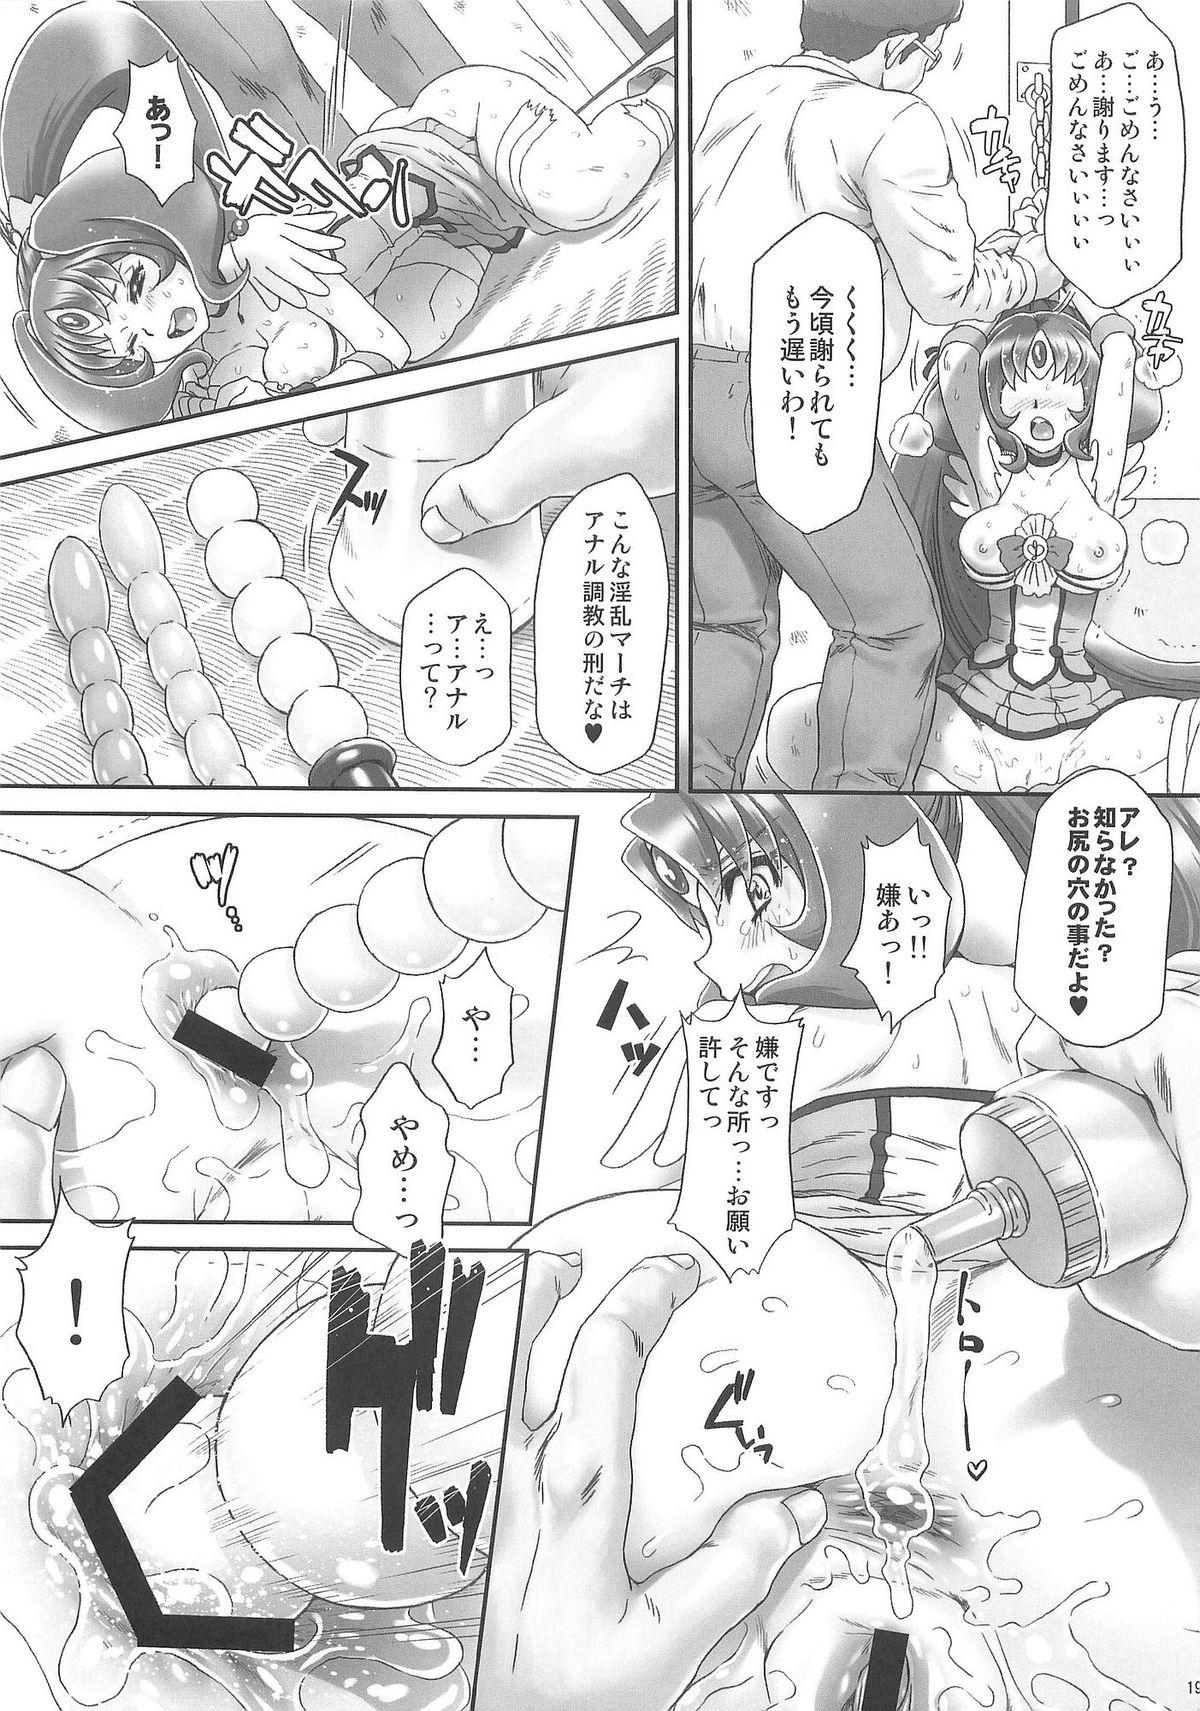 Nao-chan de Asobou 3 18